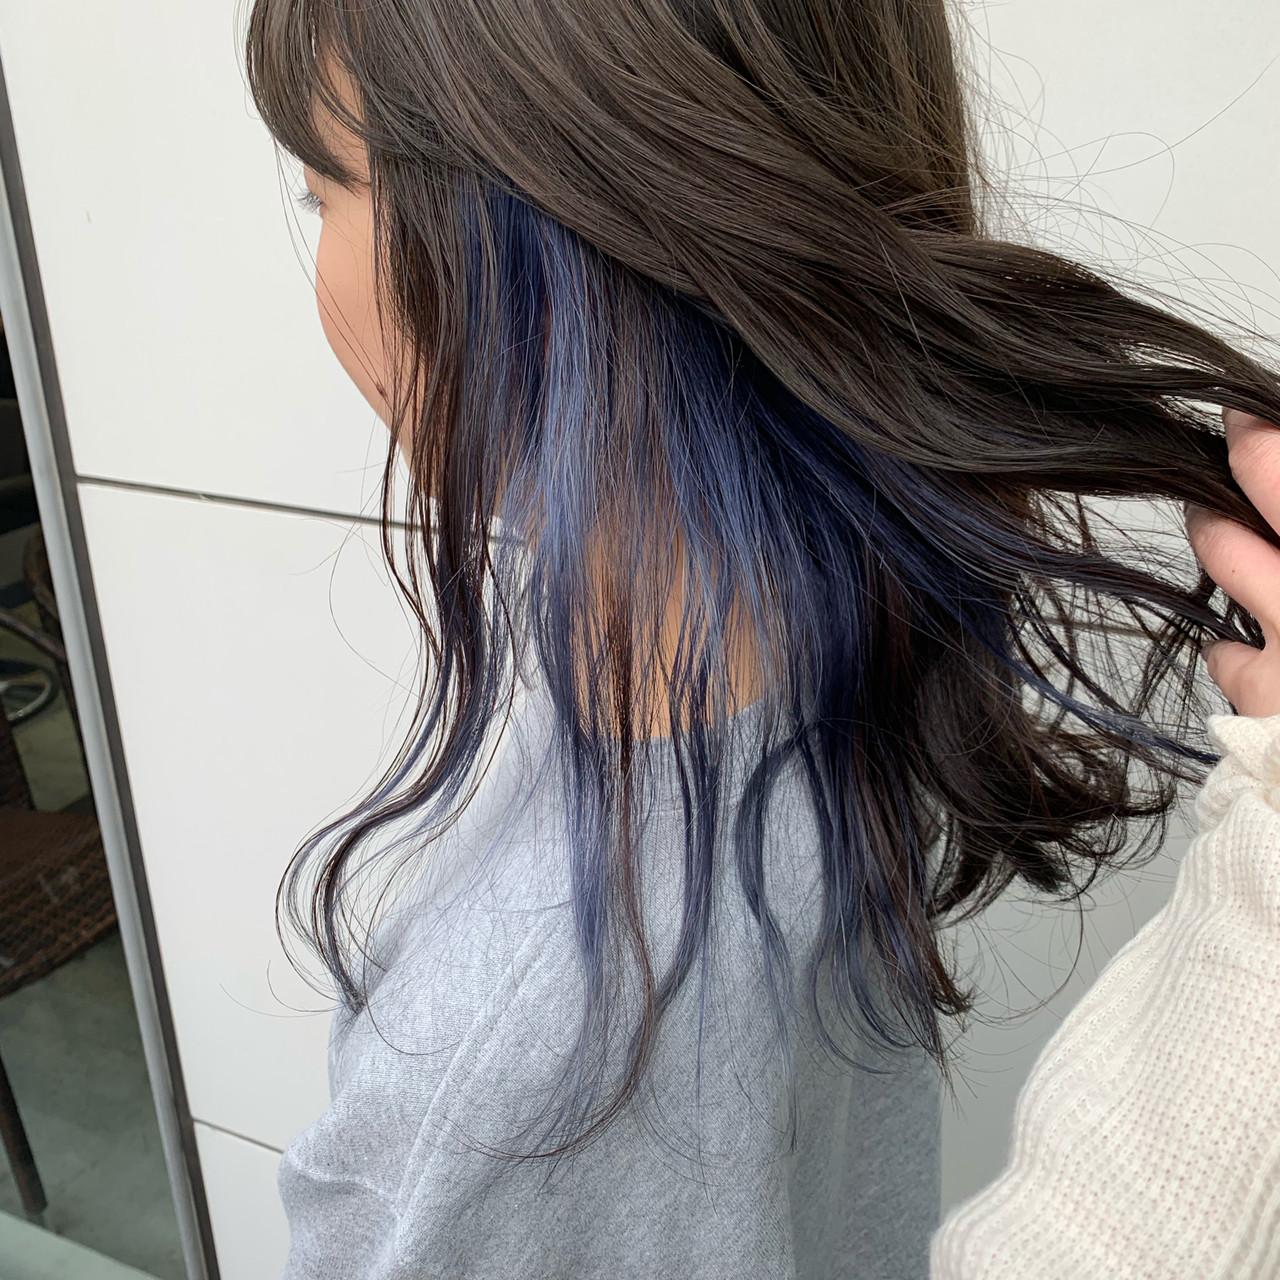 ダブルカラー インナーブルー ハイトーン インナーカラーヘアスタイルや髪型の写真・画像